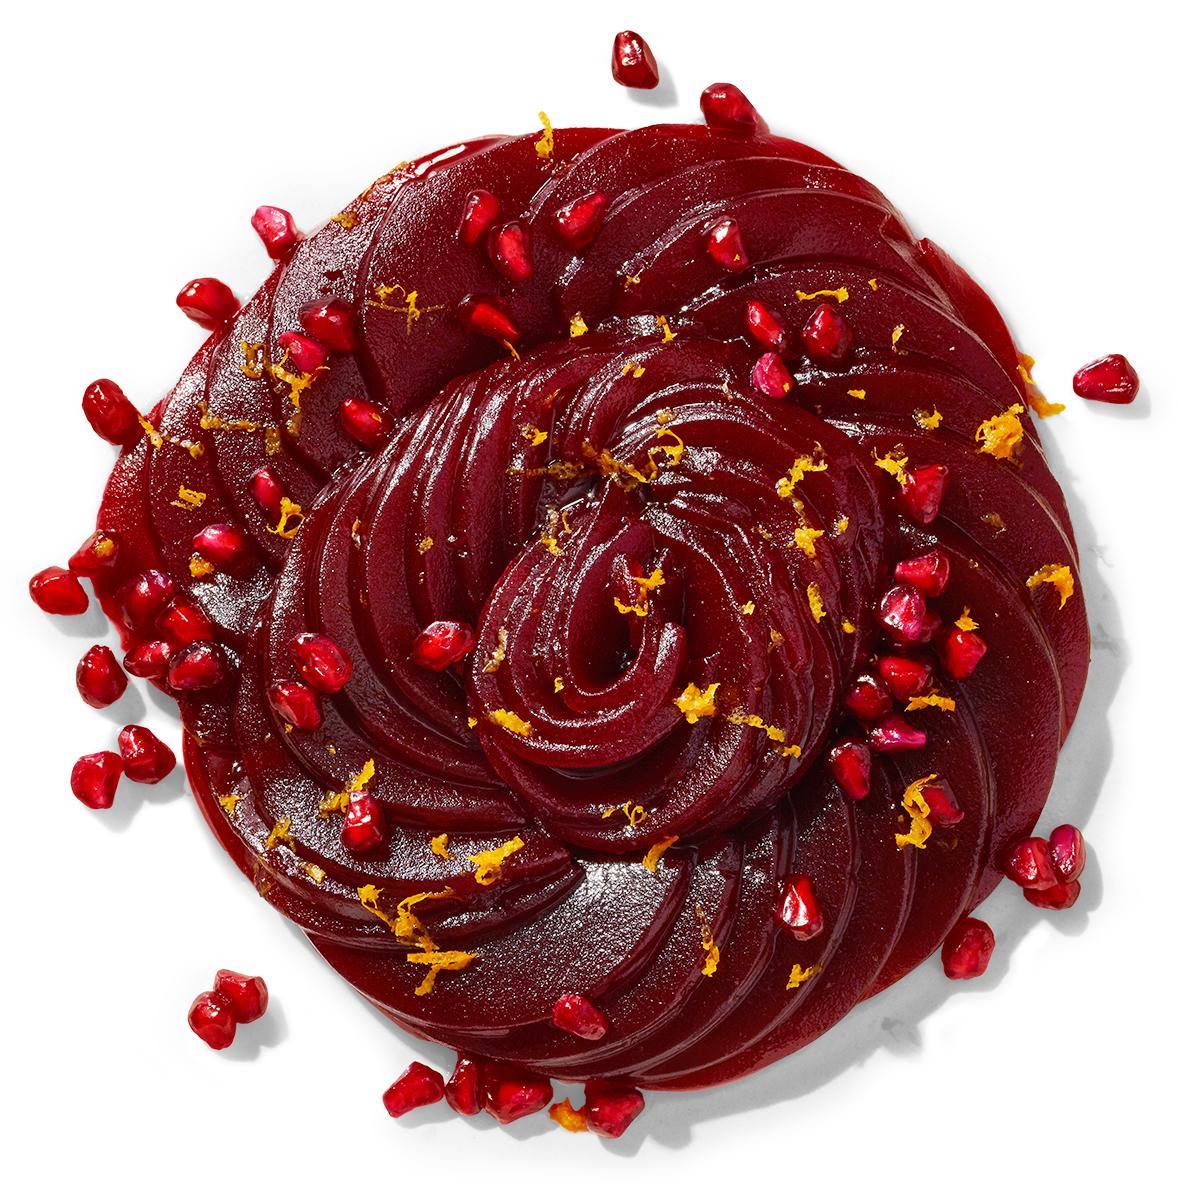 cranberry sauce rose